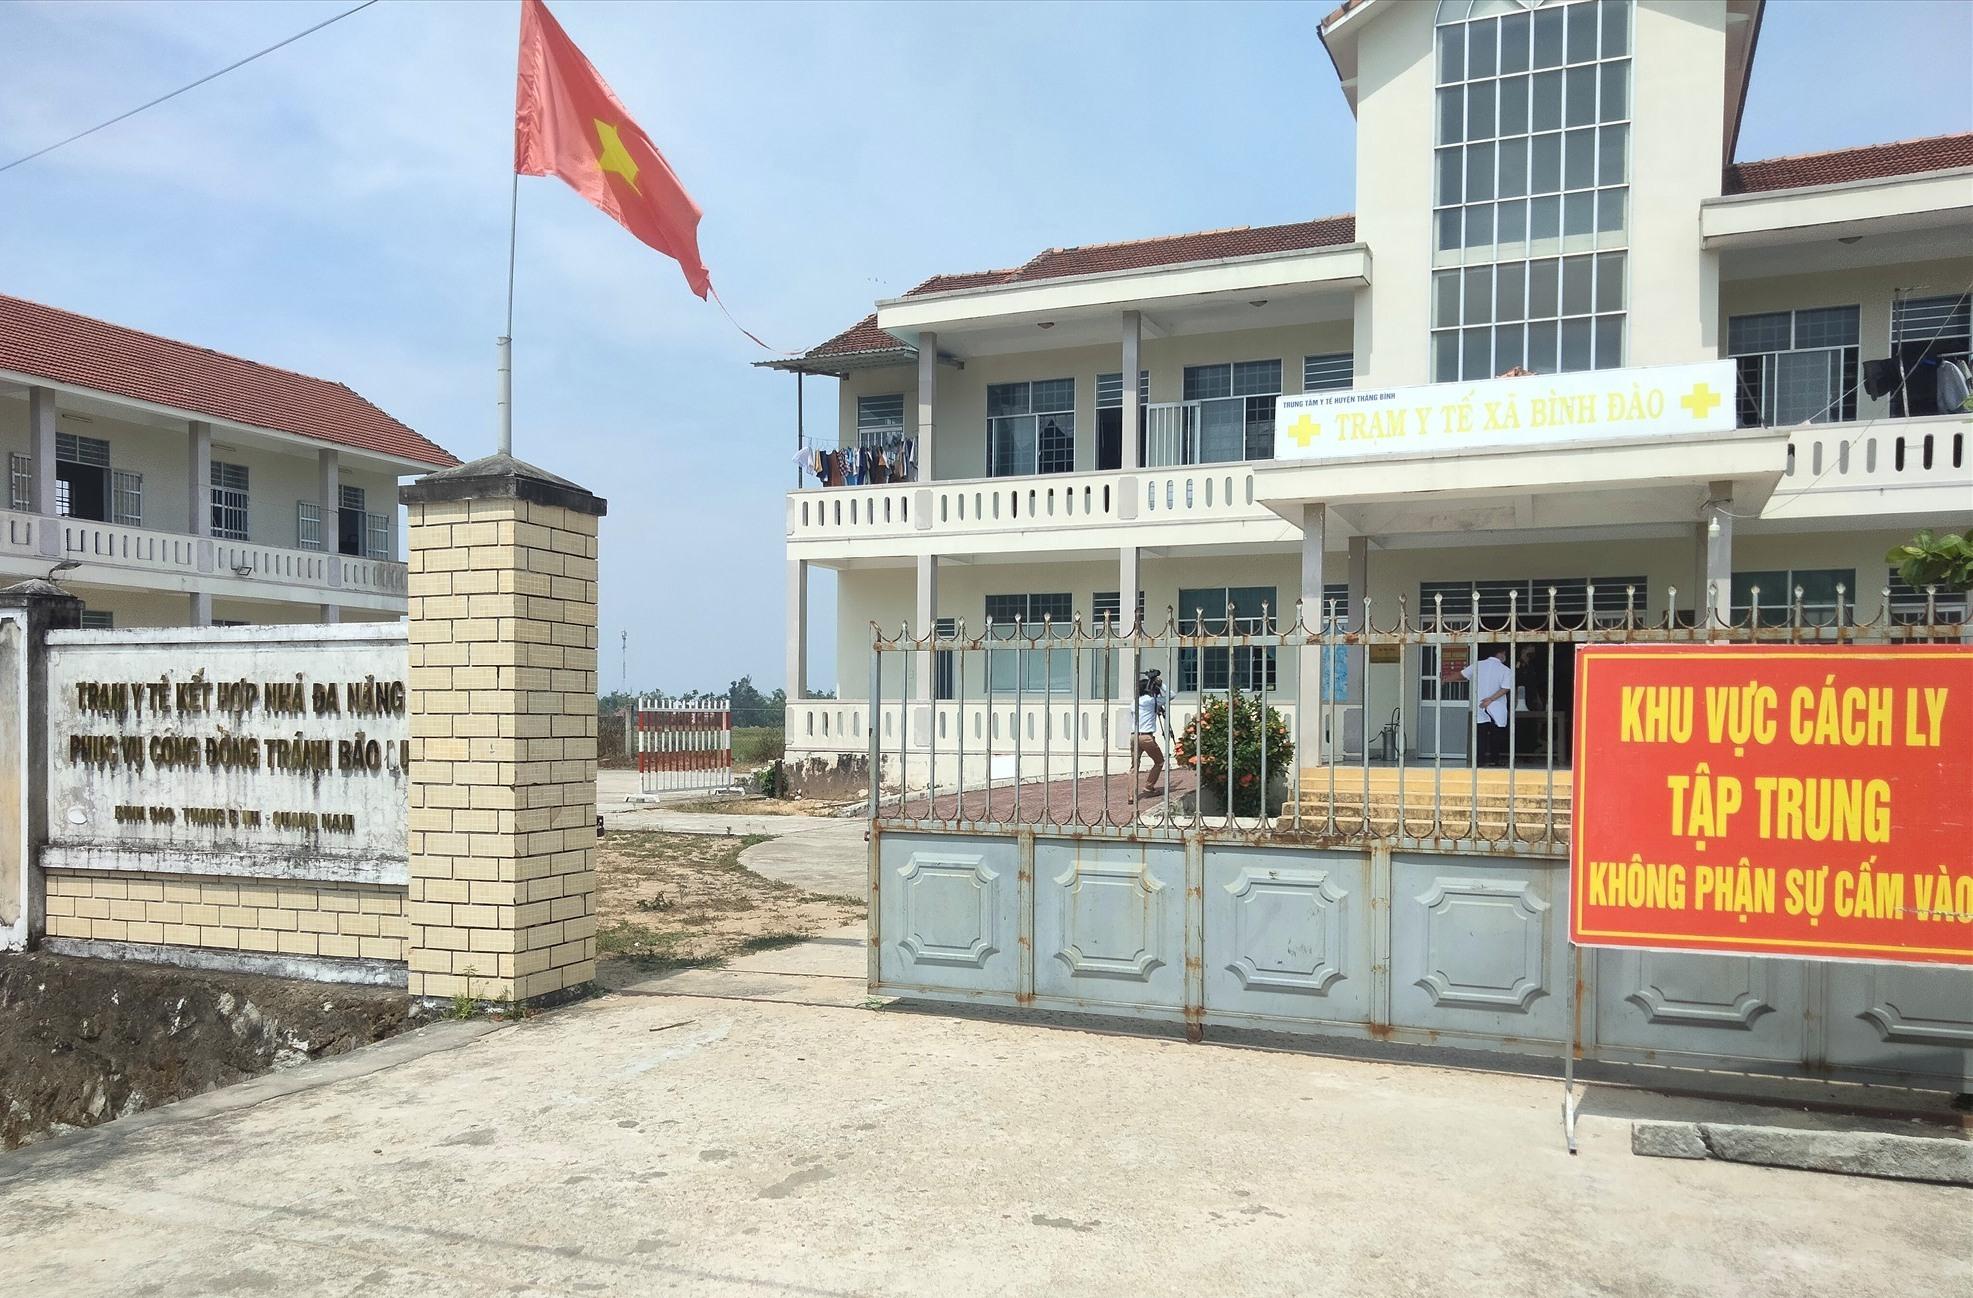 cơ sở cách ly tập trung tại Nhà đa năng và Trạm Y tế xã Bình Đào.